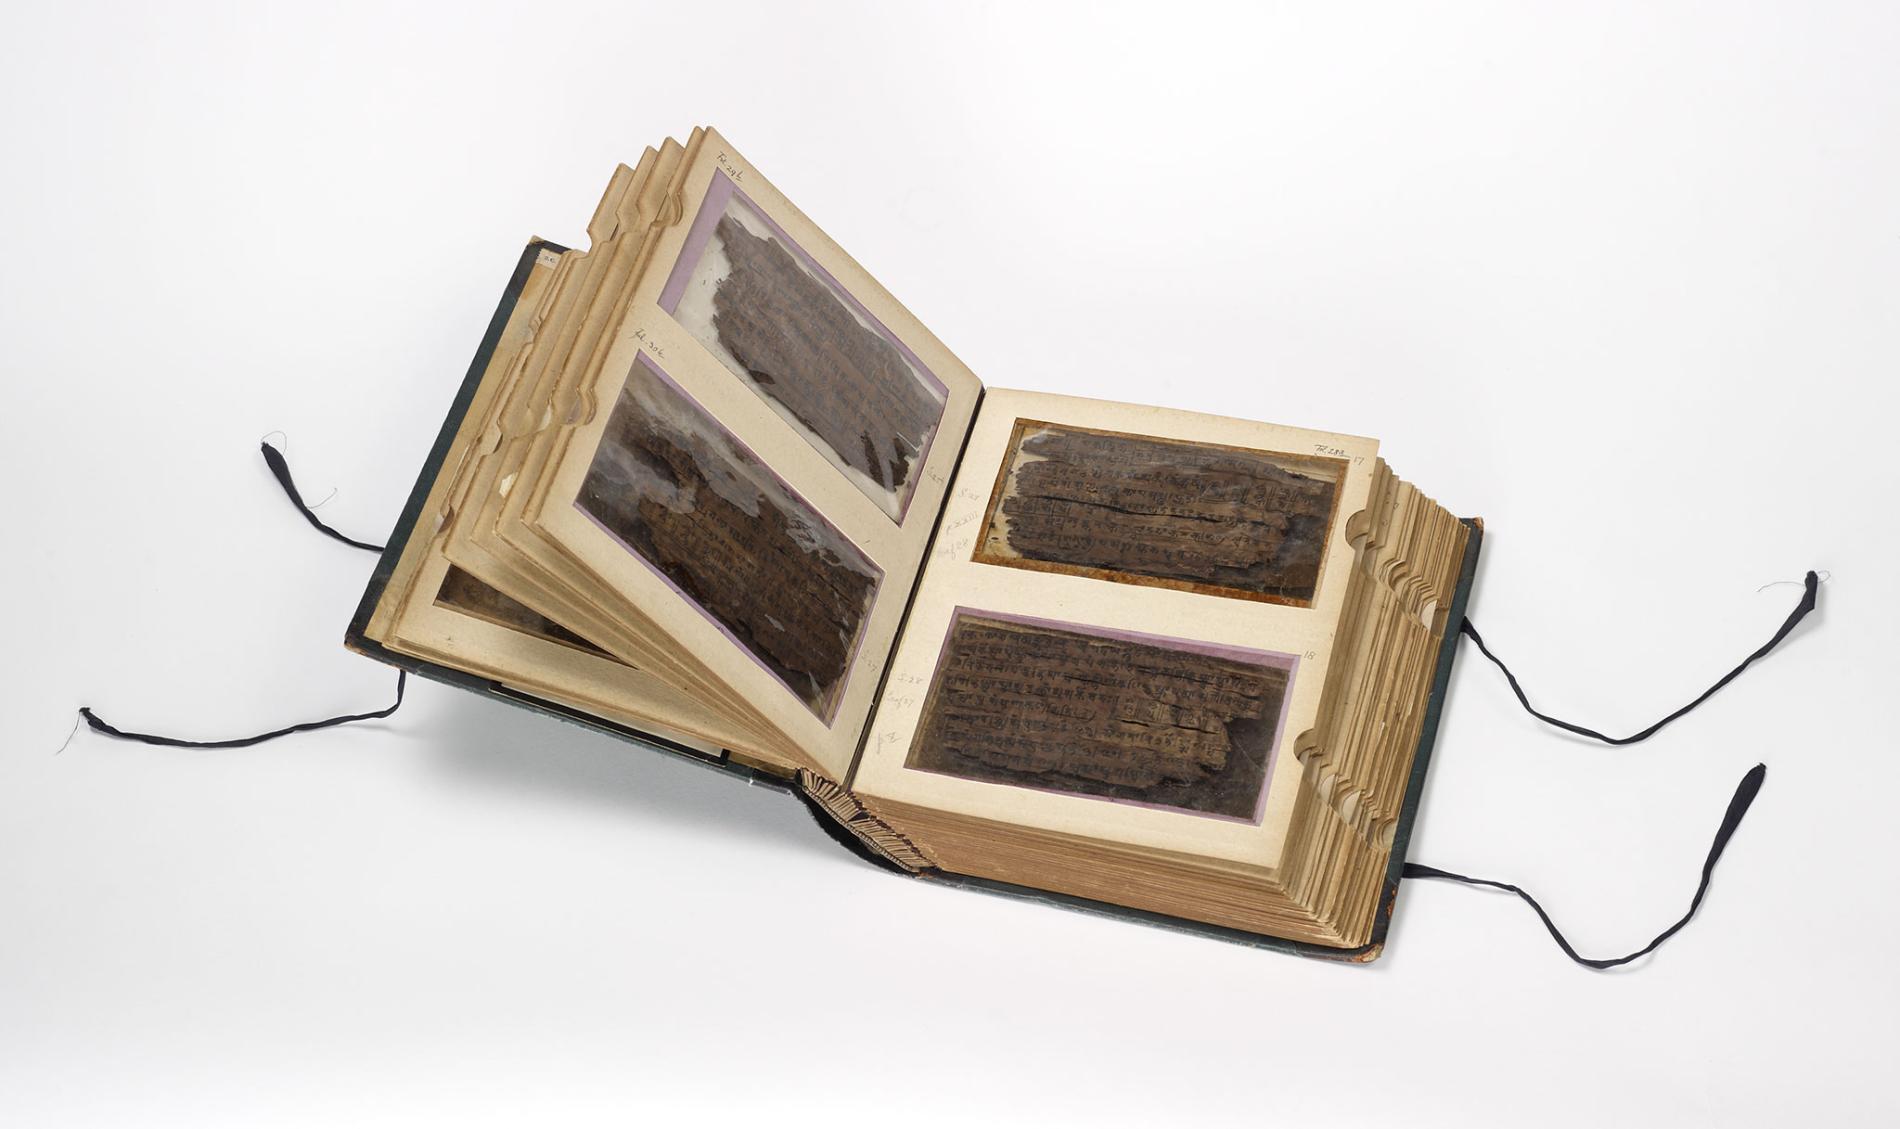 巴克沙利手稿放在收藏冊中